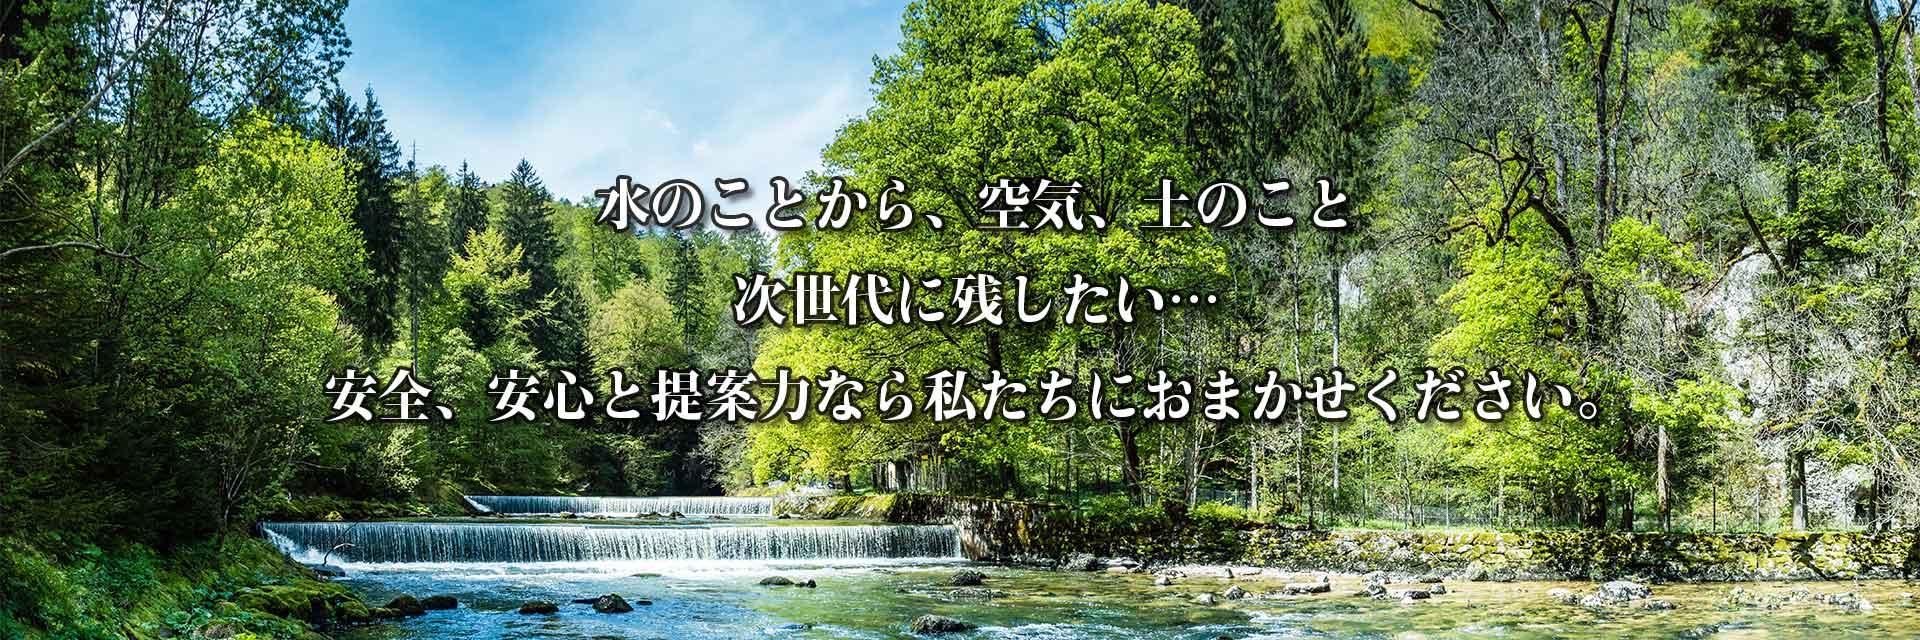 株式会社日本水処理技研